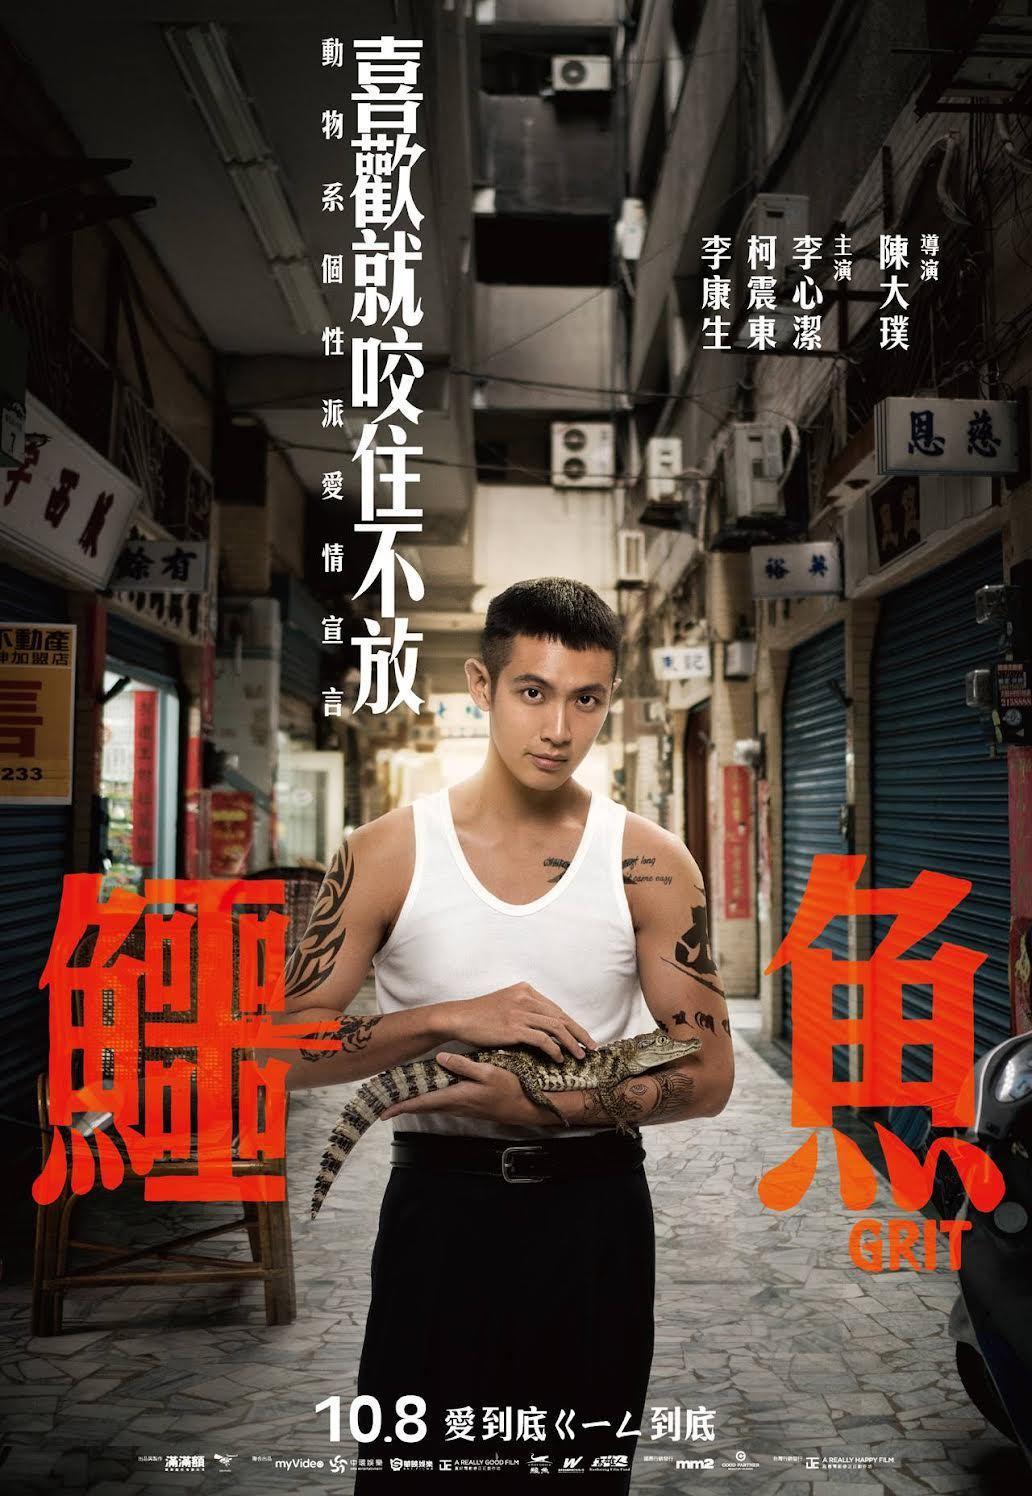 柯震東新片「鱷魚」將於10月上旬全台上映。圖/双喜提供